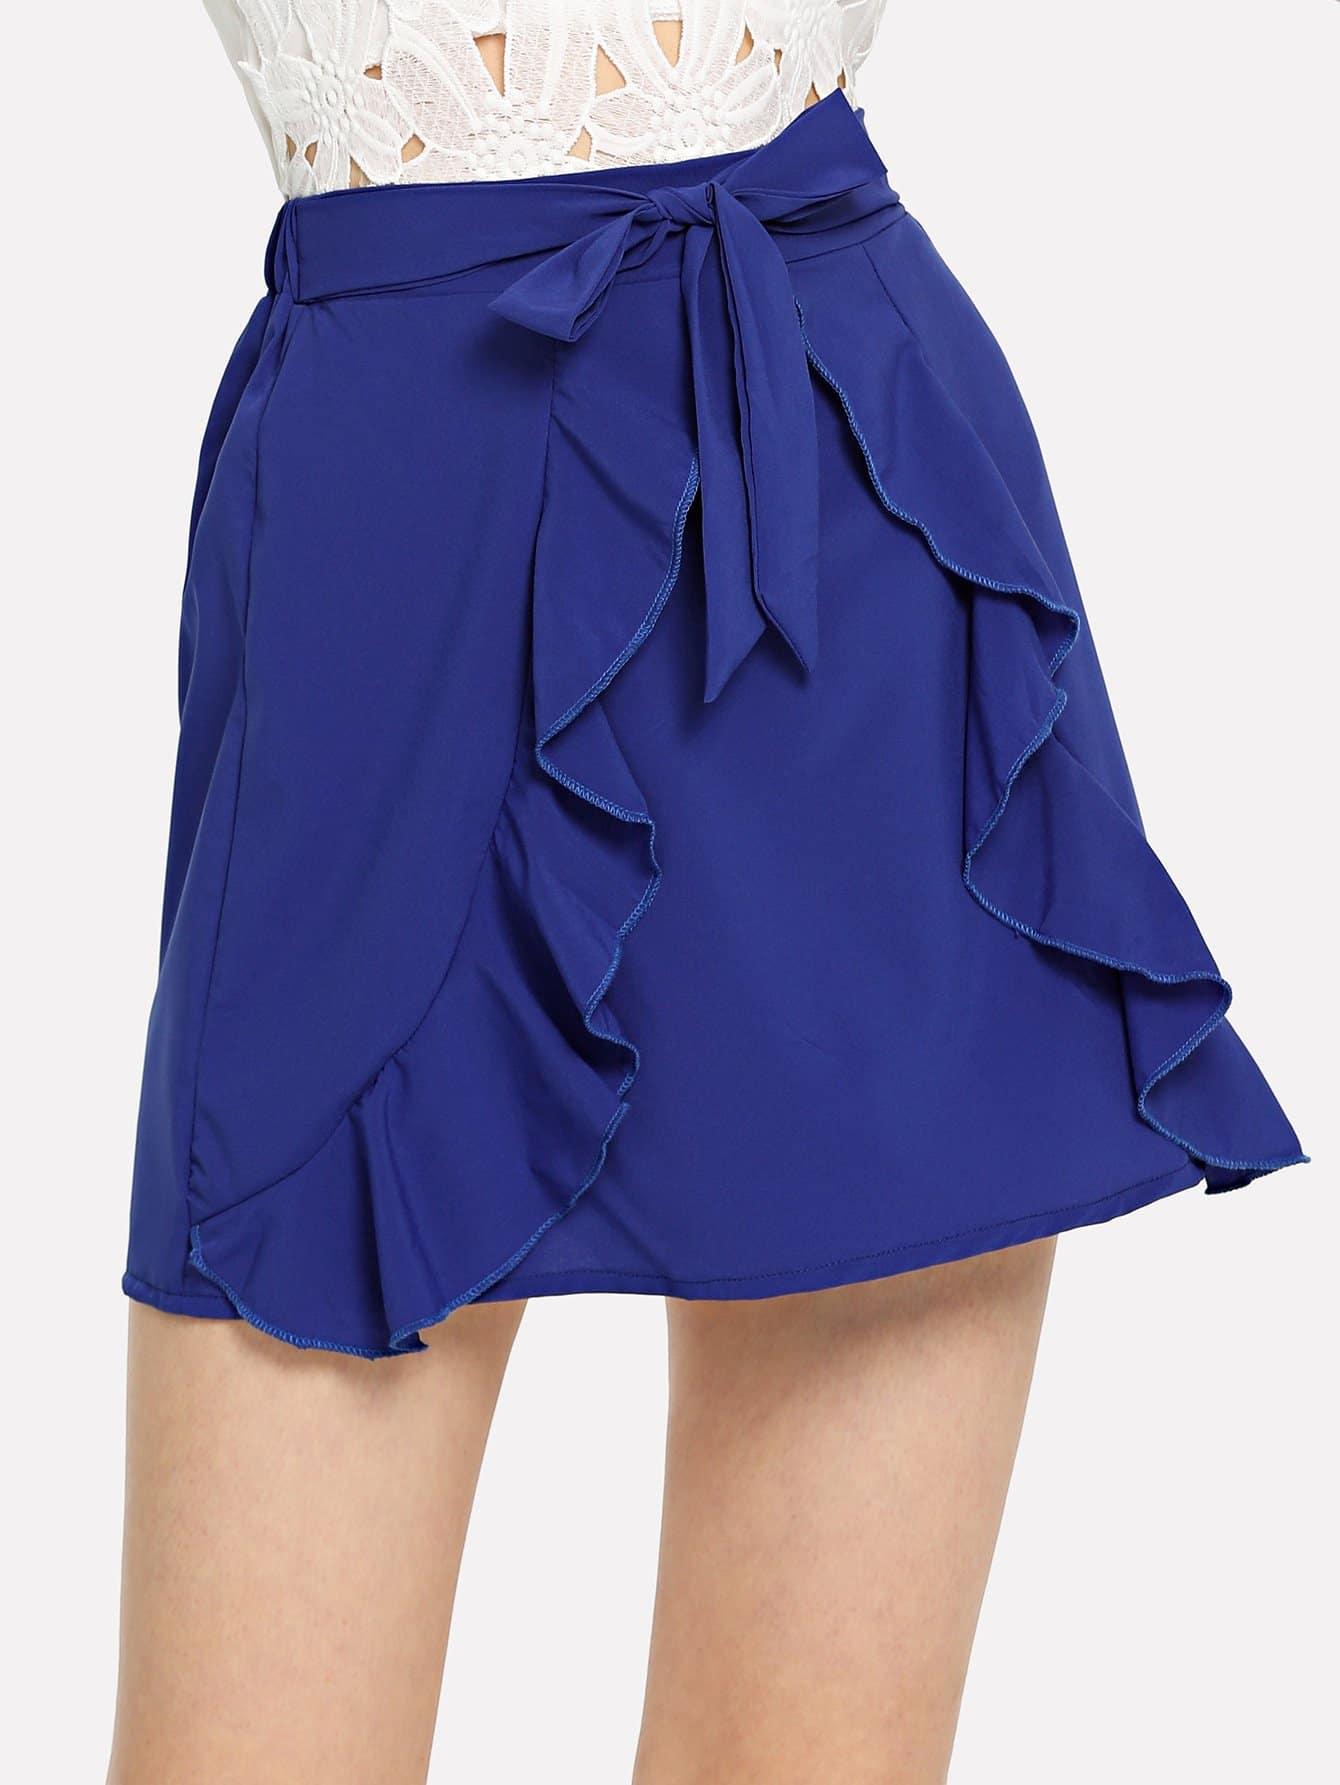 Self Tie Waist Ruffle Skirt self belted ruffle waist pinstripe skirt